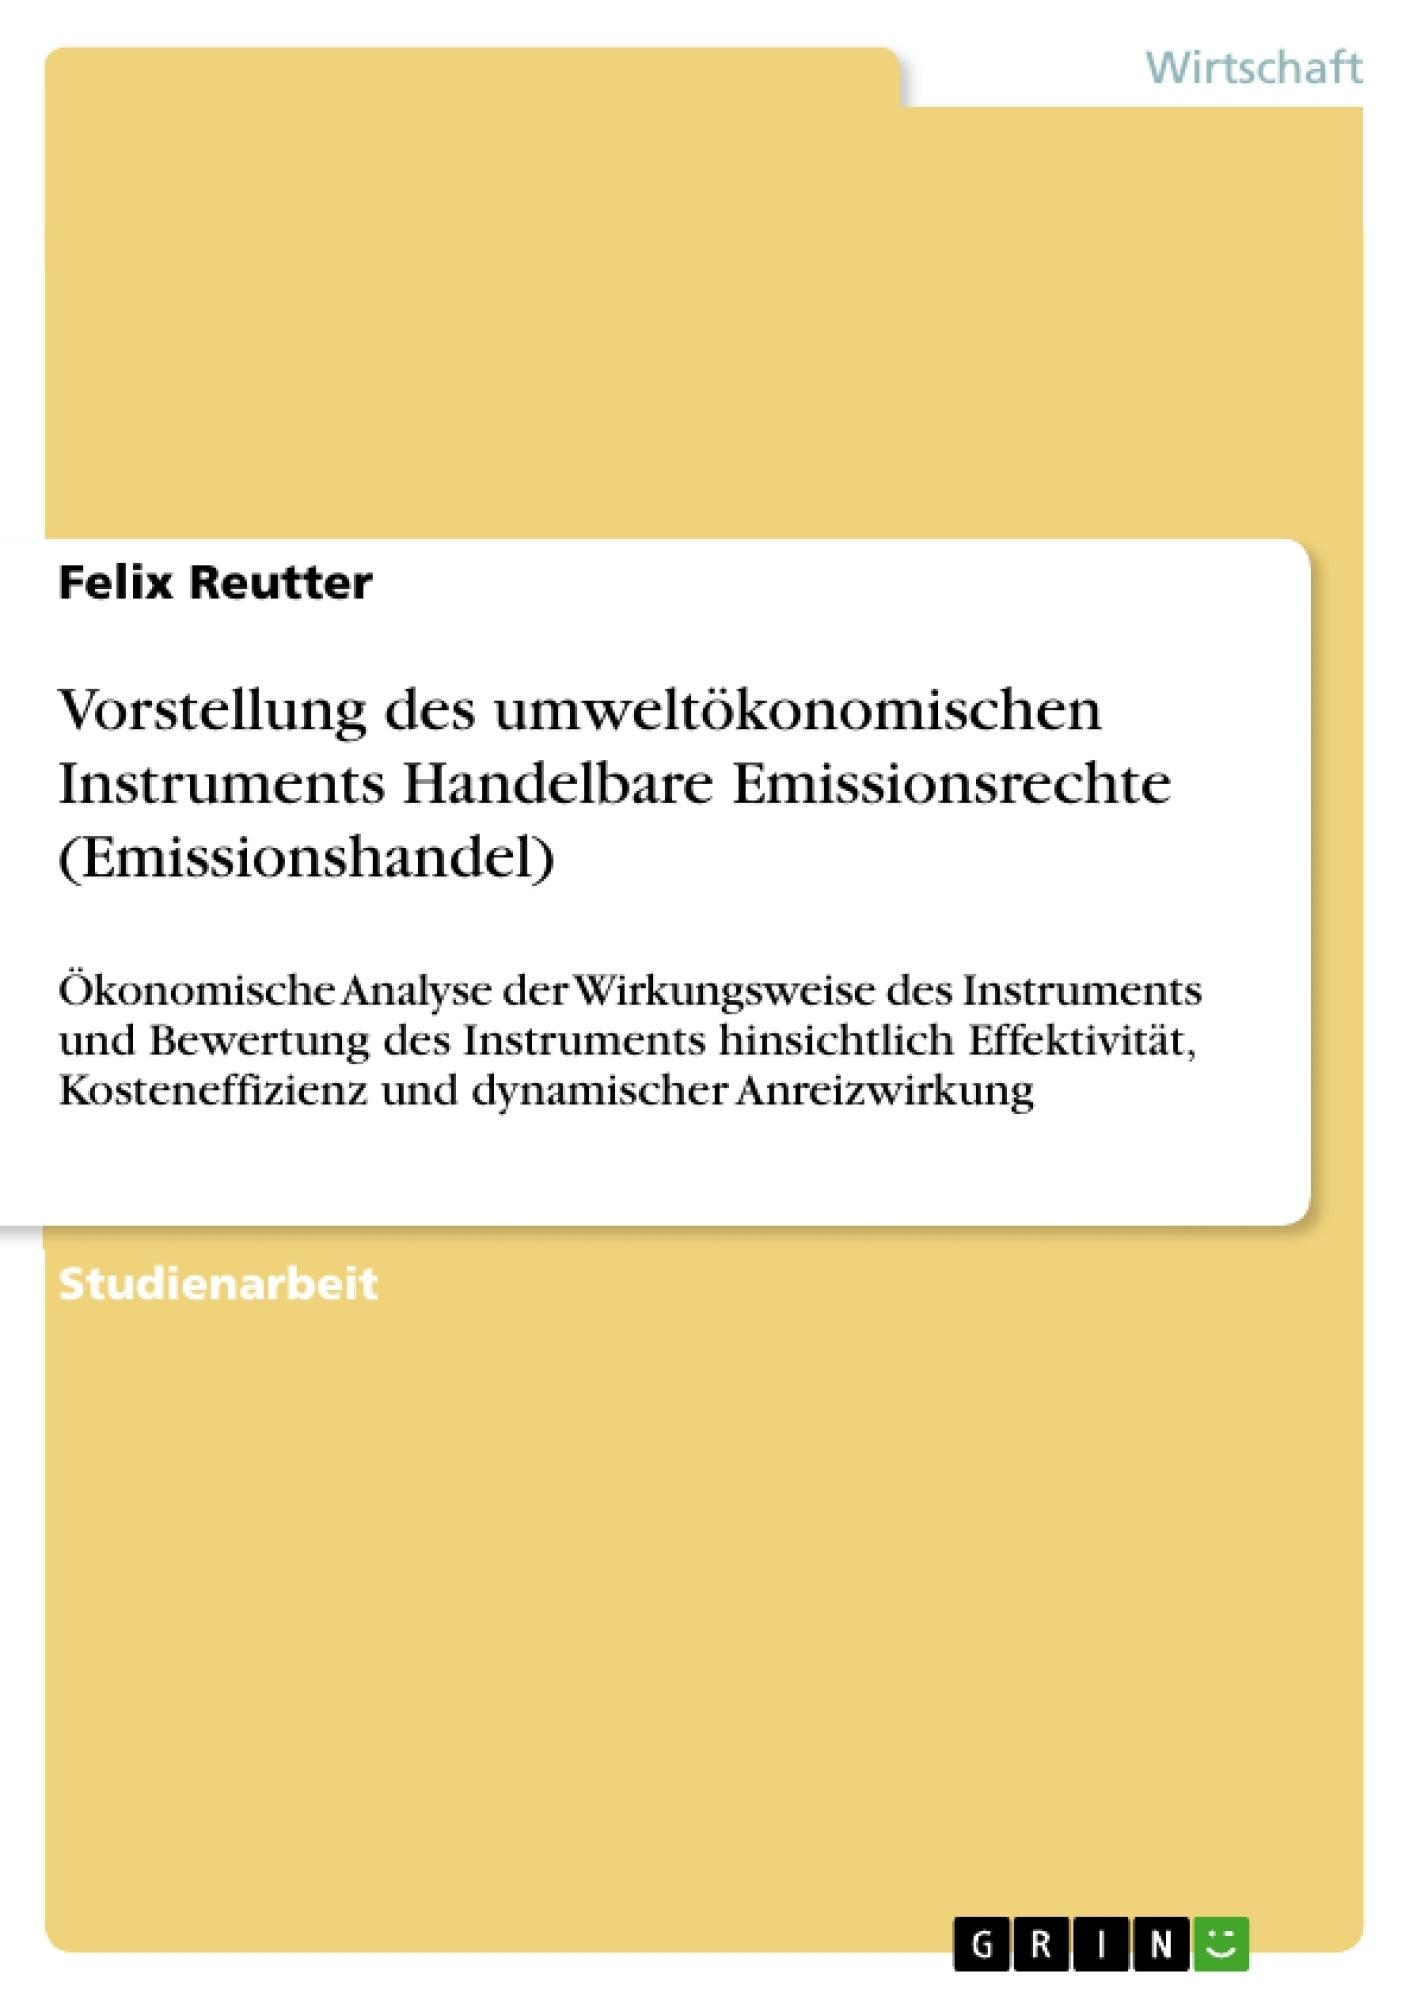 Titel: Vorstellung des umweltökonomischen Instruments Handelbare Emissionsrechte (Emissionshandel)